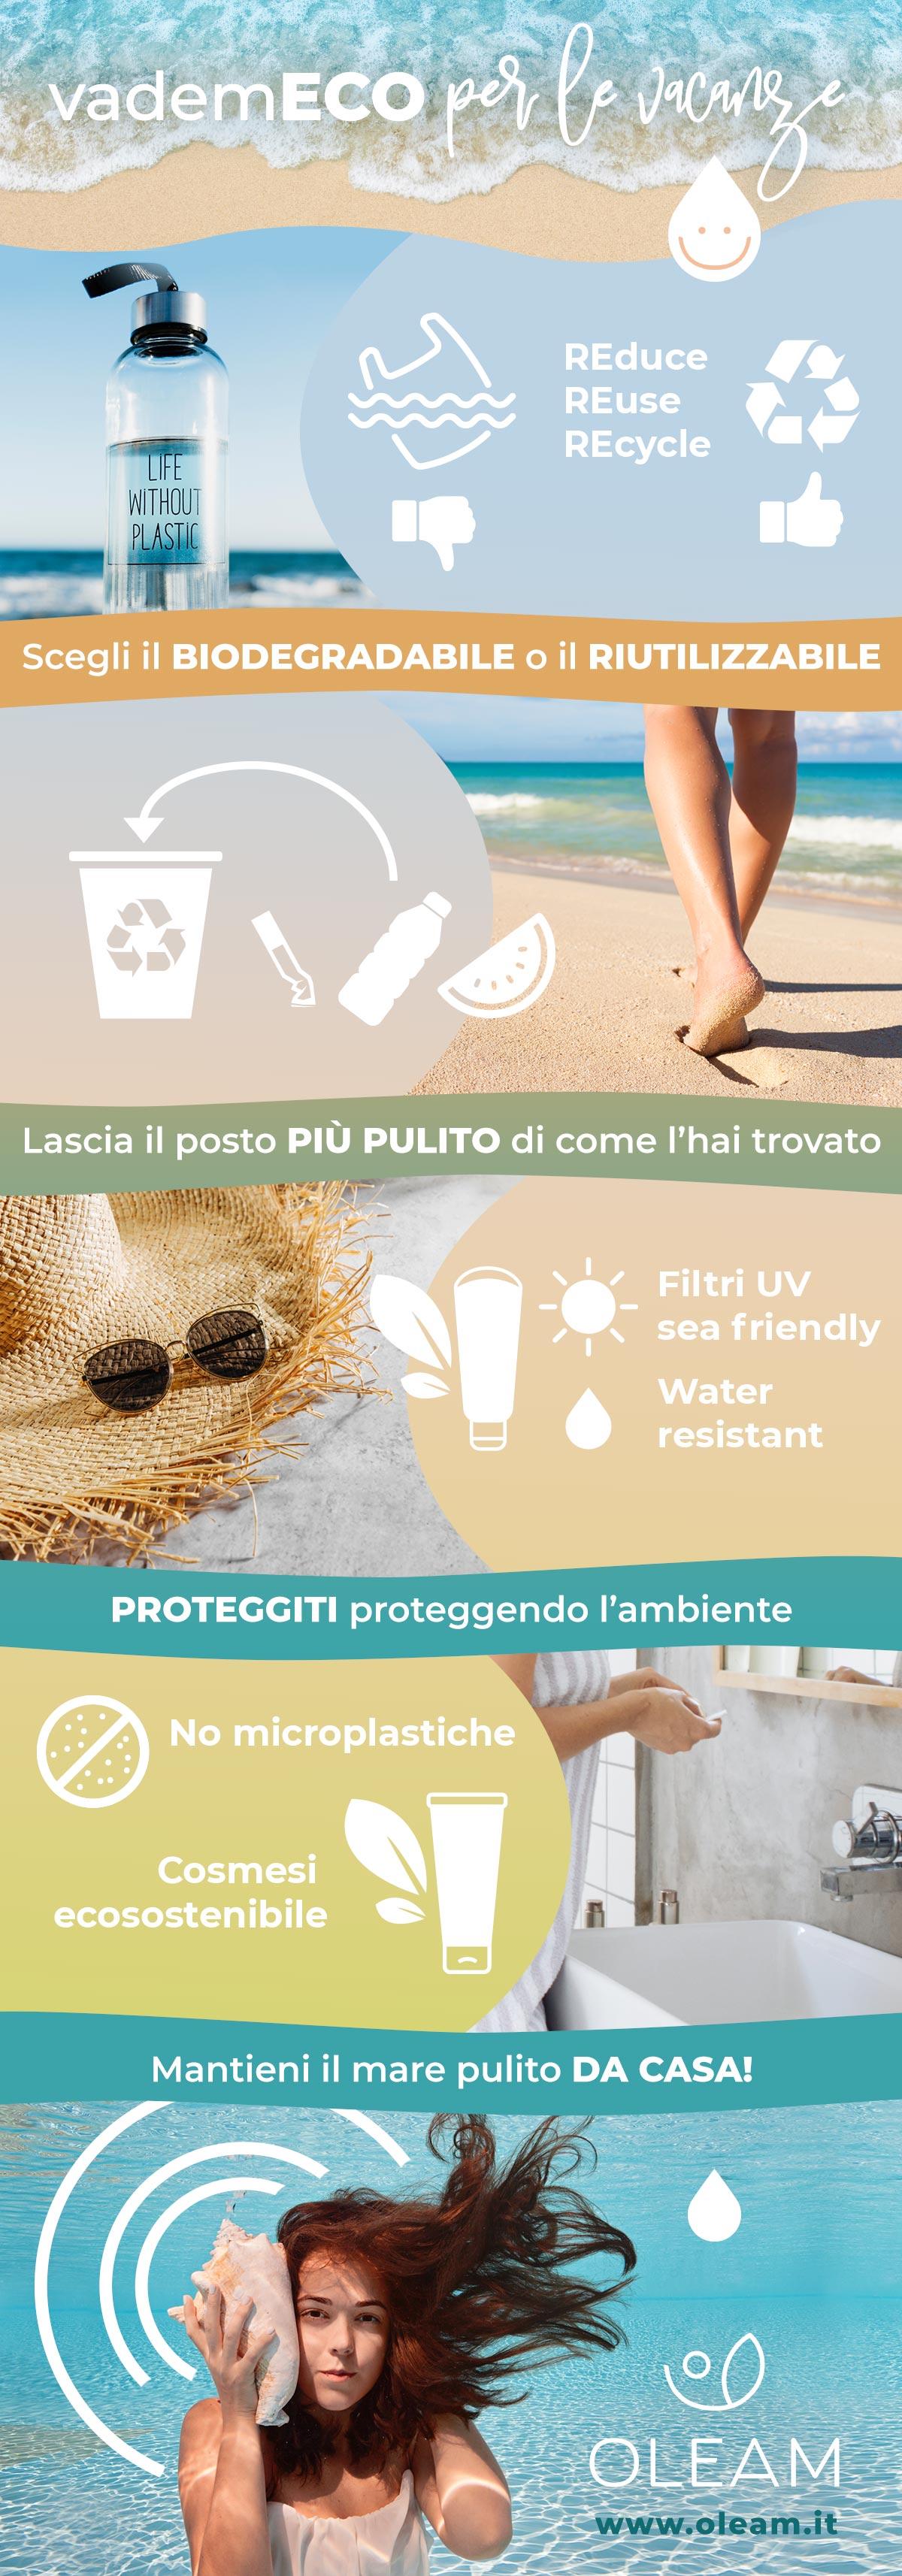 VademECO Oleam per le vacanze: infografica. Scegli il biodegradabile o il riutilizzabile: reduce, reuse, recycle. Lascia il posto più pulito di come l'hai trovato: butta i rifiuti nella raccolta differenziata. Proteggiti proteggendo l'ambiente: usa solari con filtri UV sea friendly e water resistant. Mantieni il mare pulito da casa: usa cosmetici ecosostenibili e senza microplastiche. Green is better.